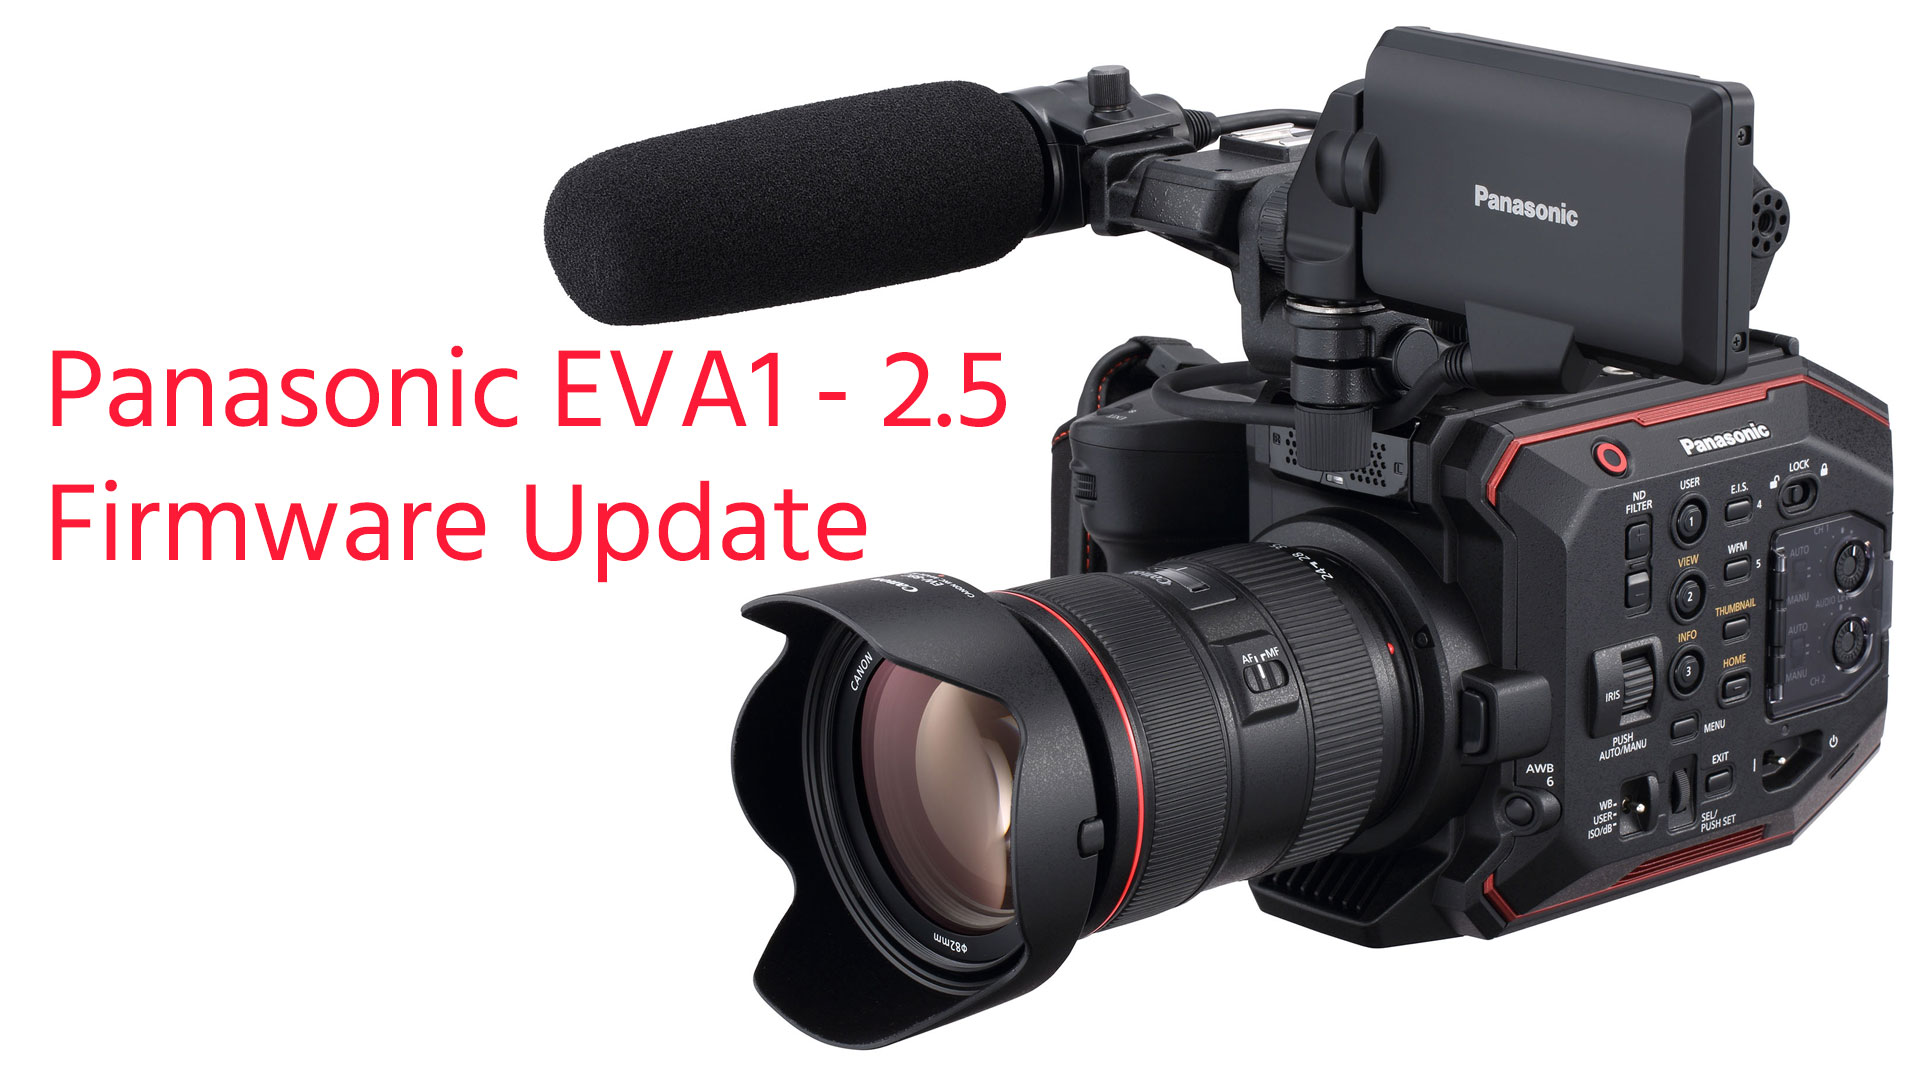 パナソニックがEVA1ファームウエア2.5をリリース ➖ 低照度時のノイズ改善他